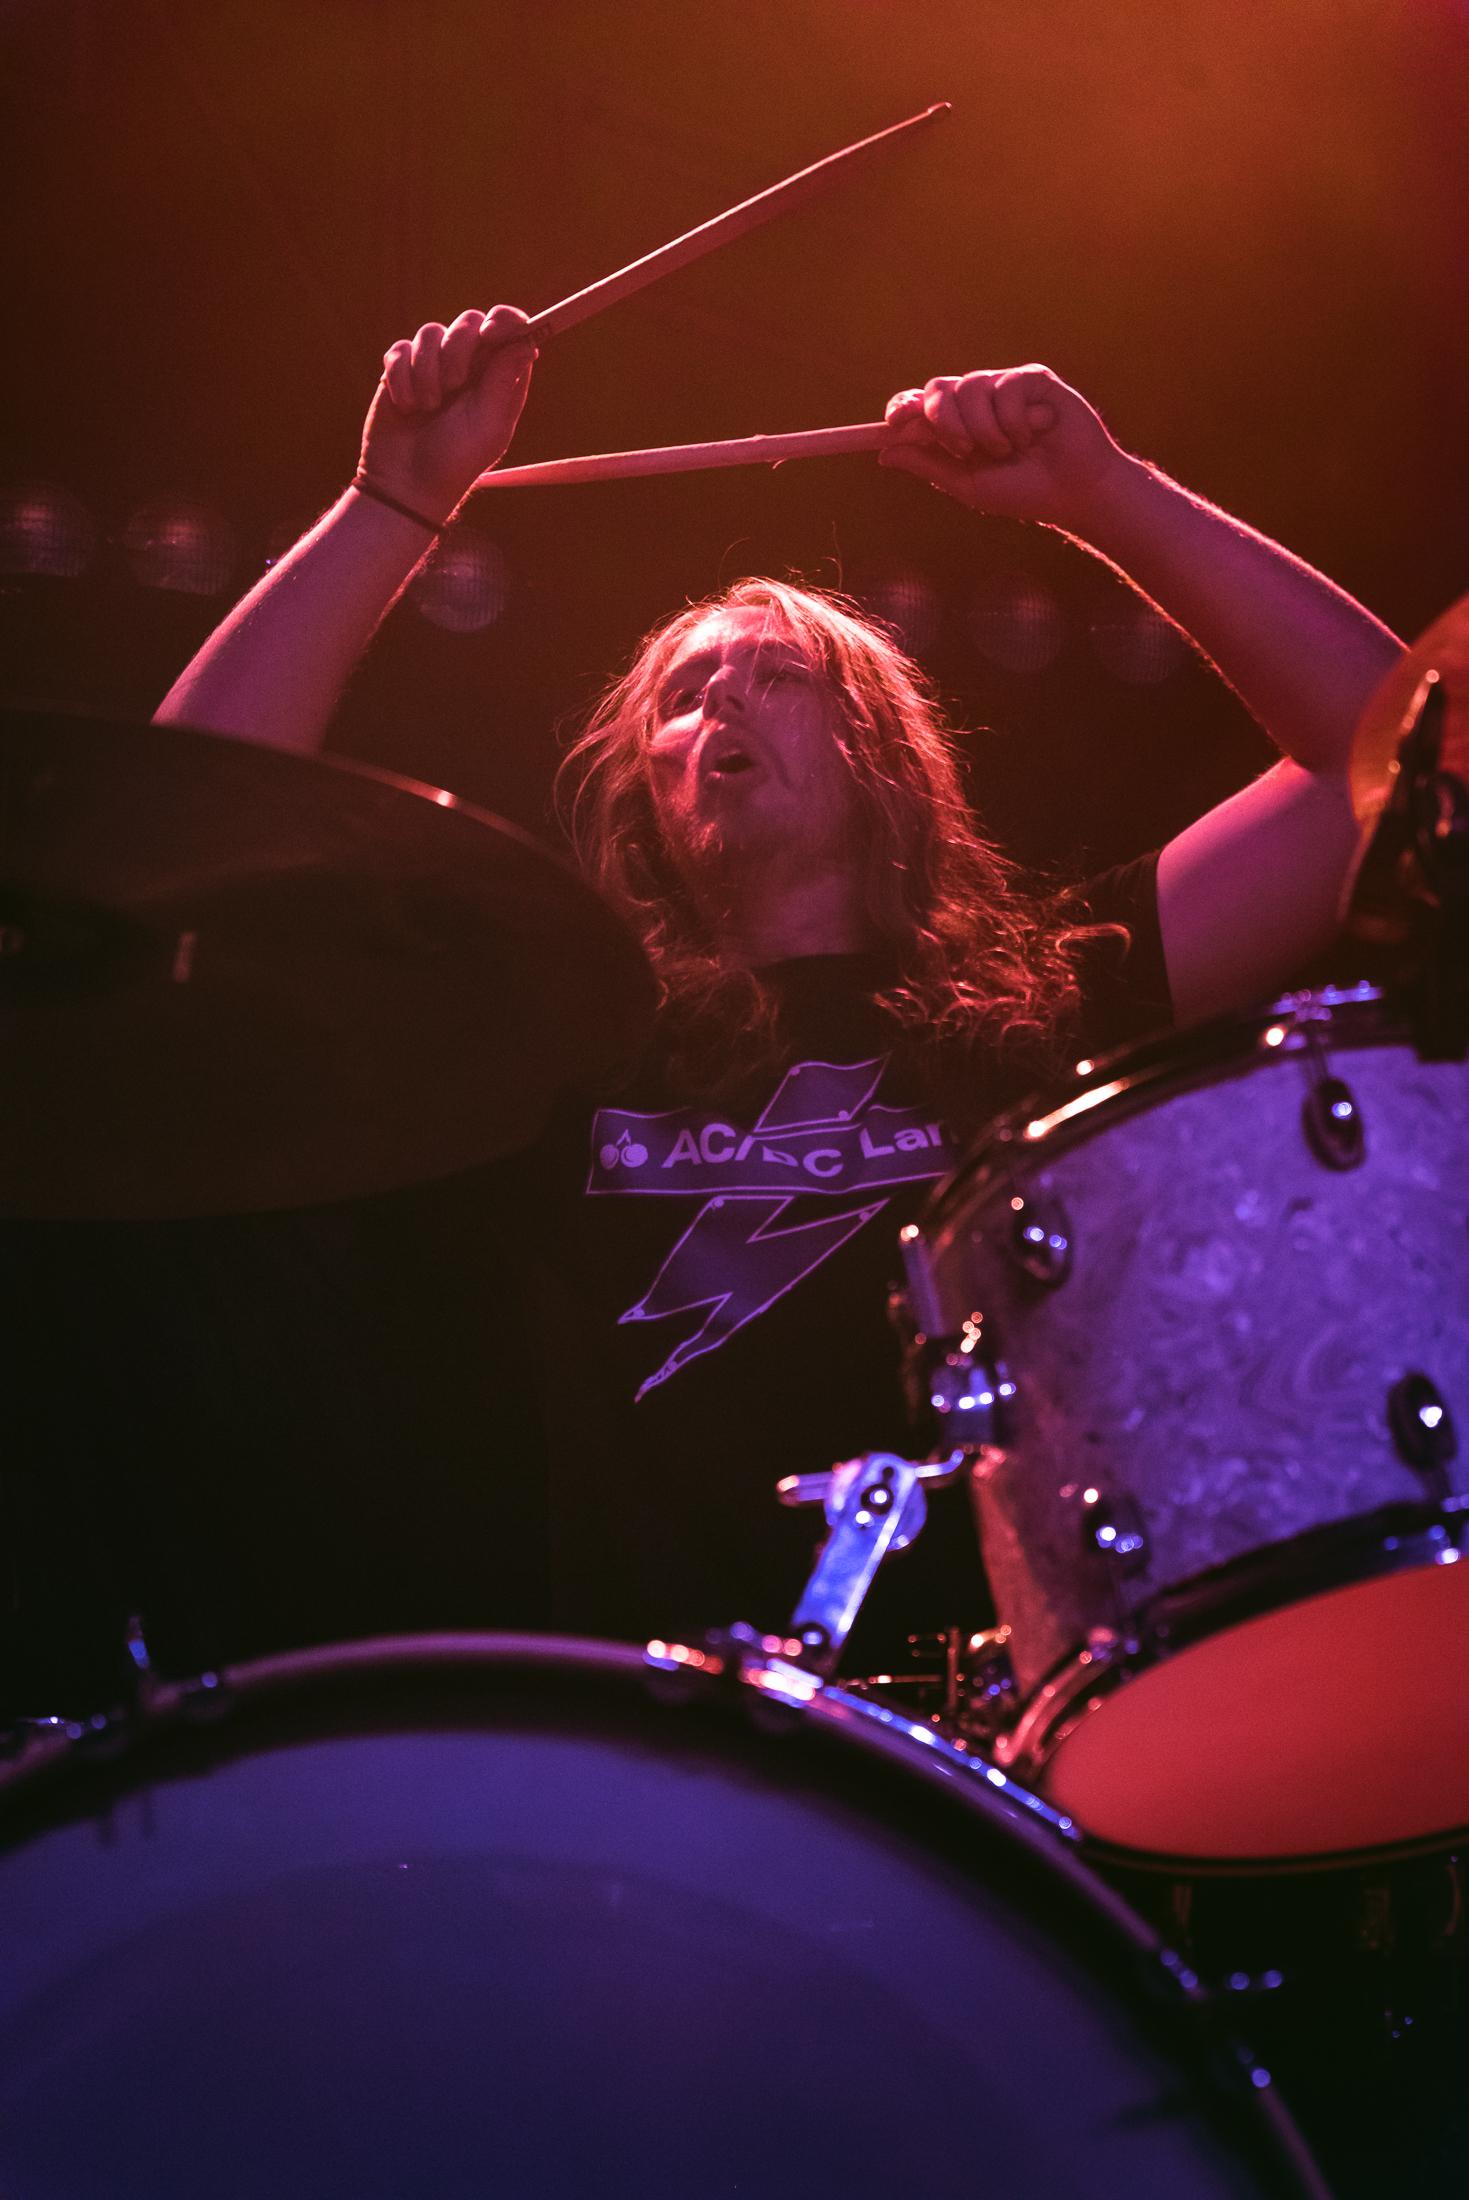 Ryan Scoble